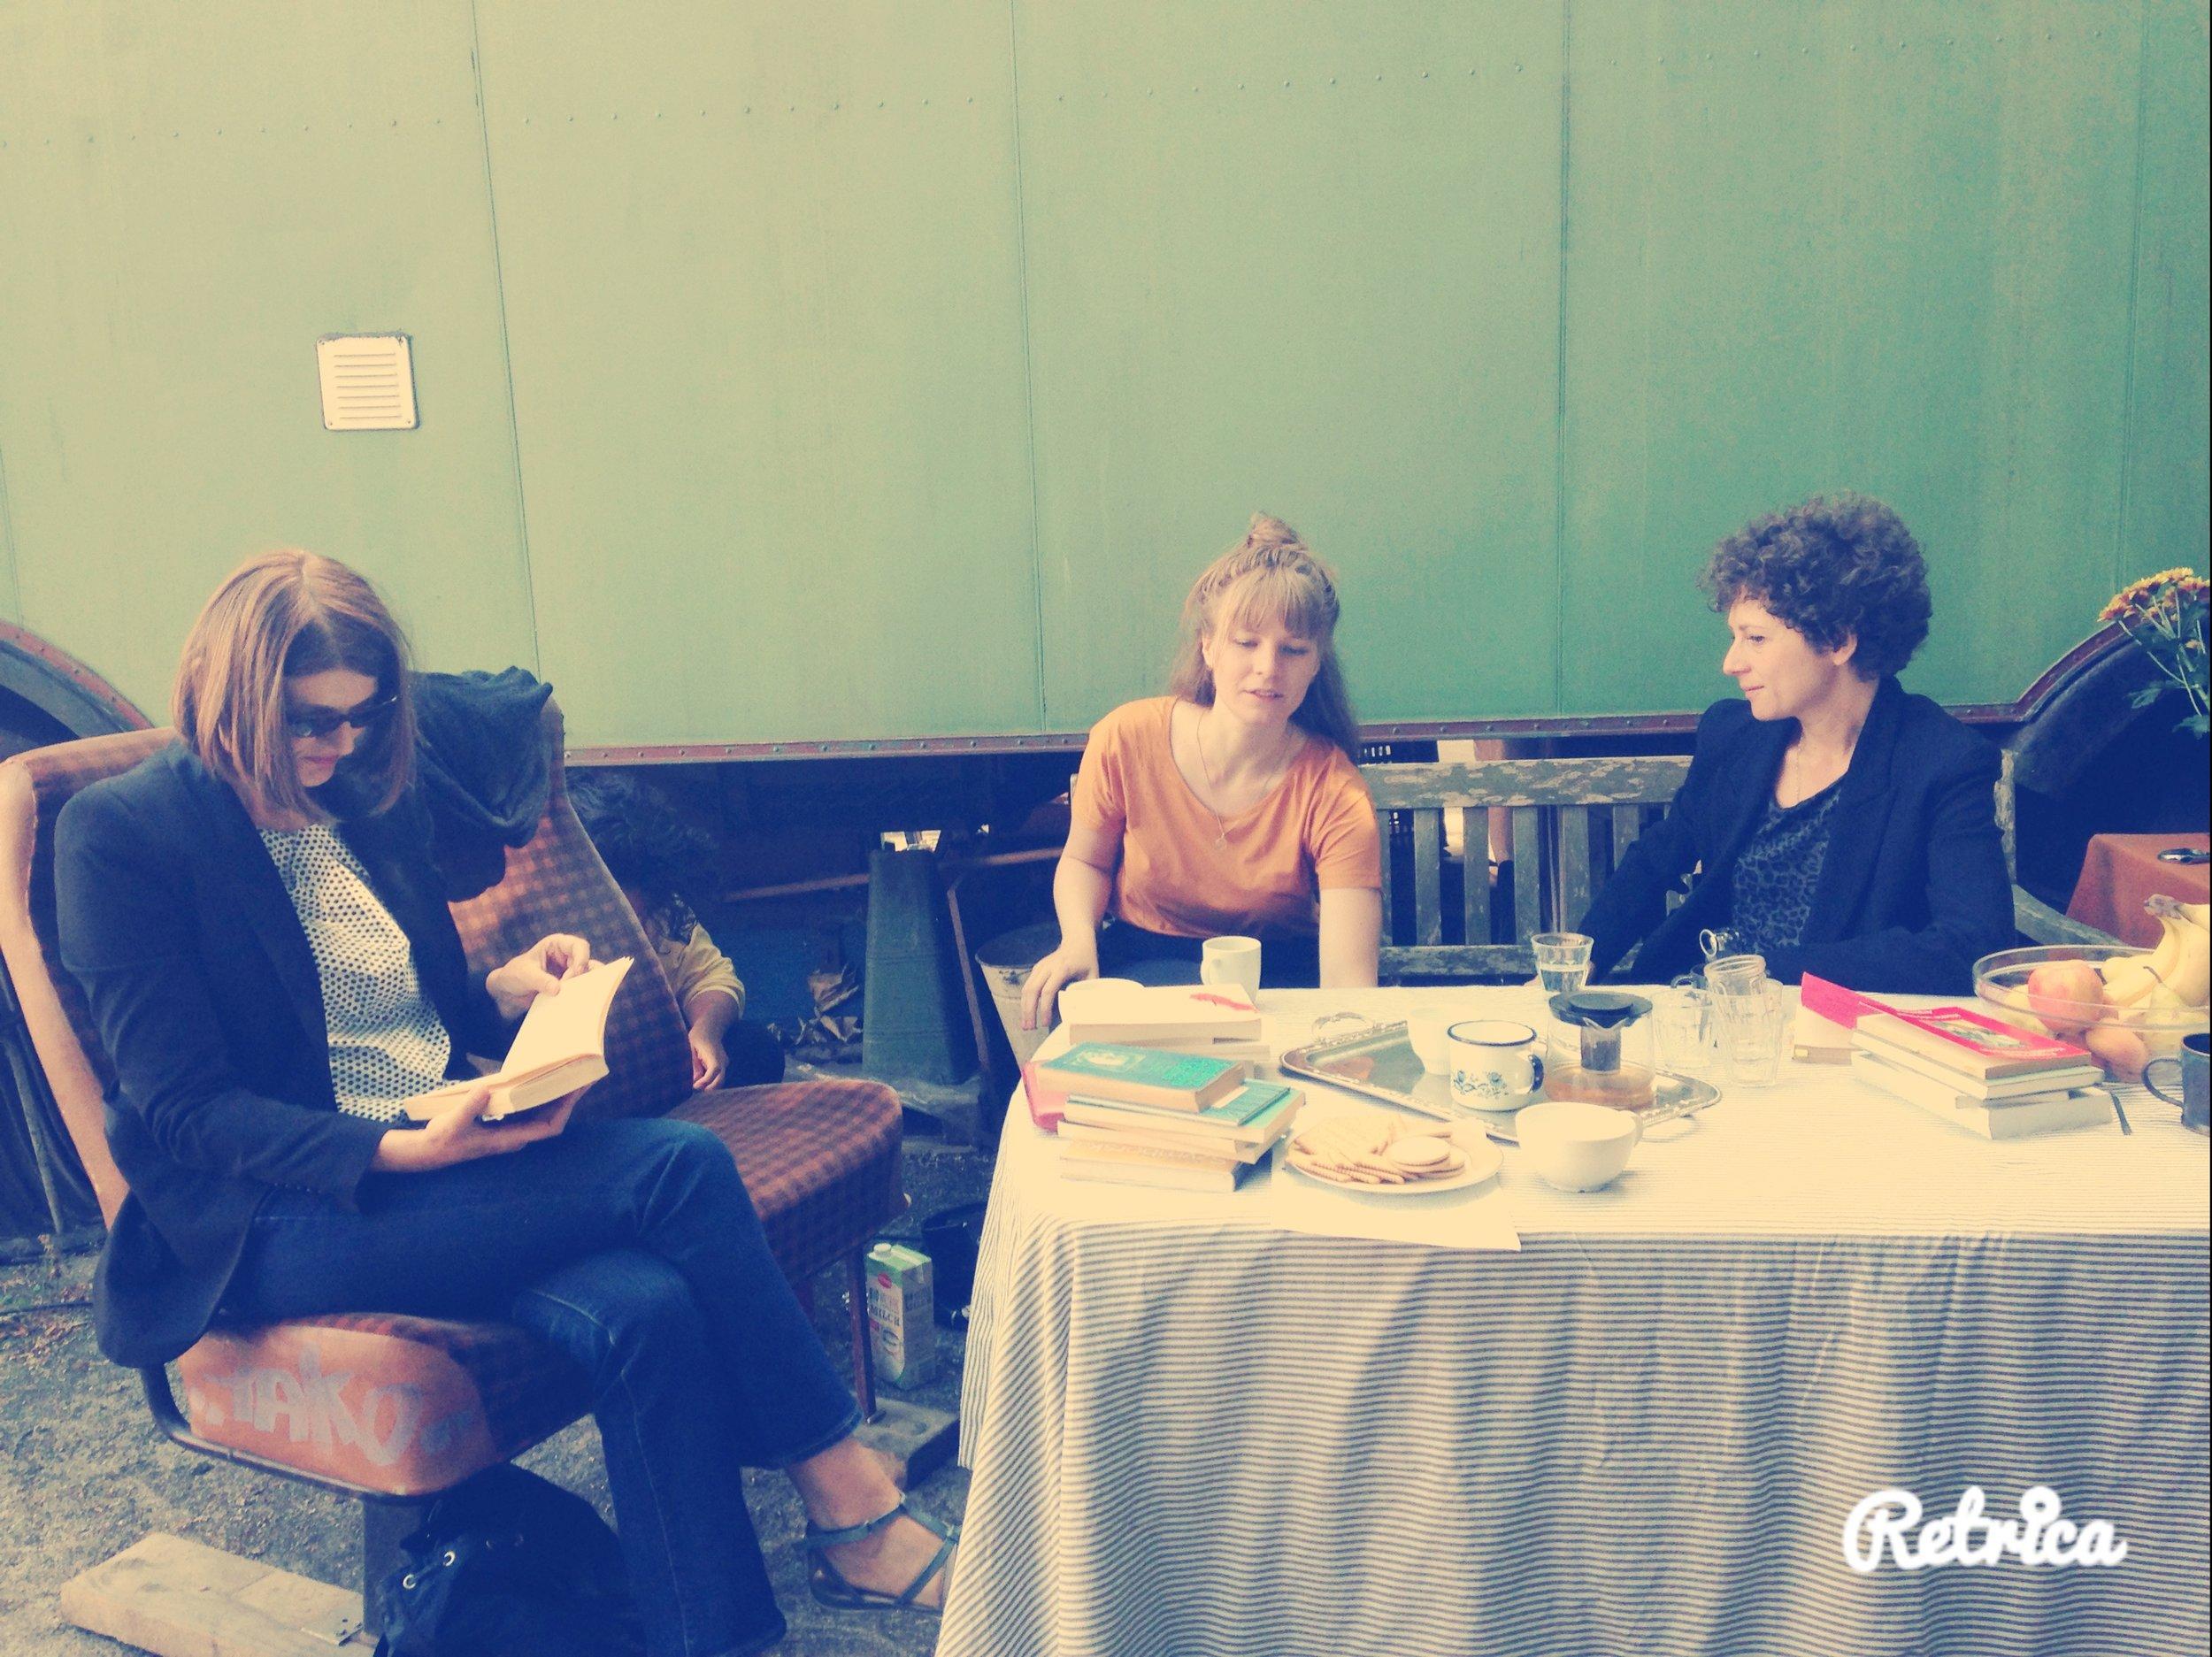 Sabine Scholl, Lena Vöcklinghaus, Sasha Marianna Salzmann